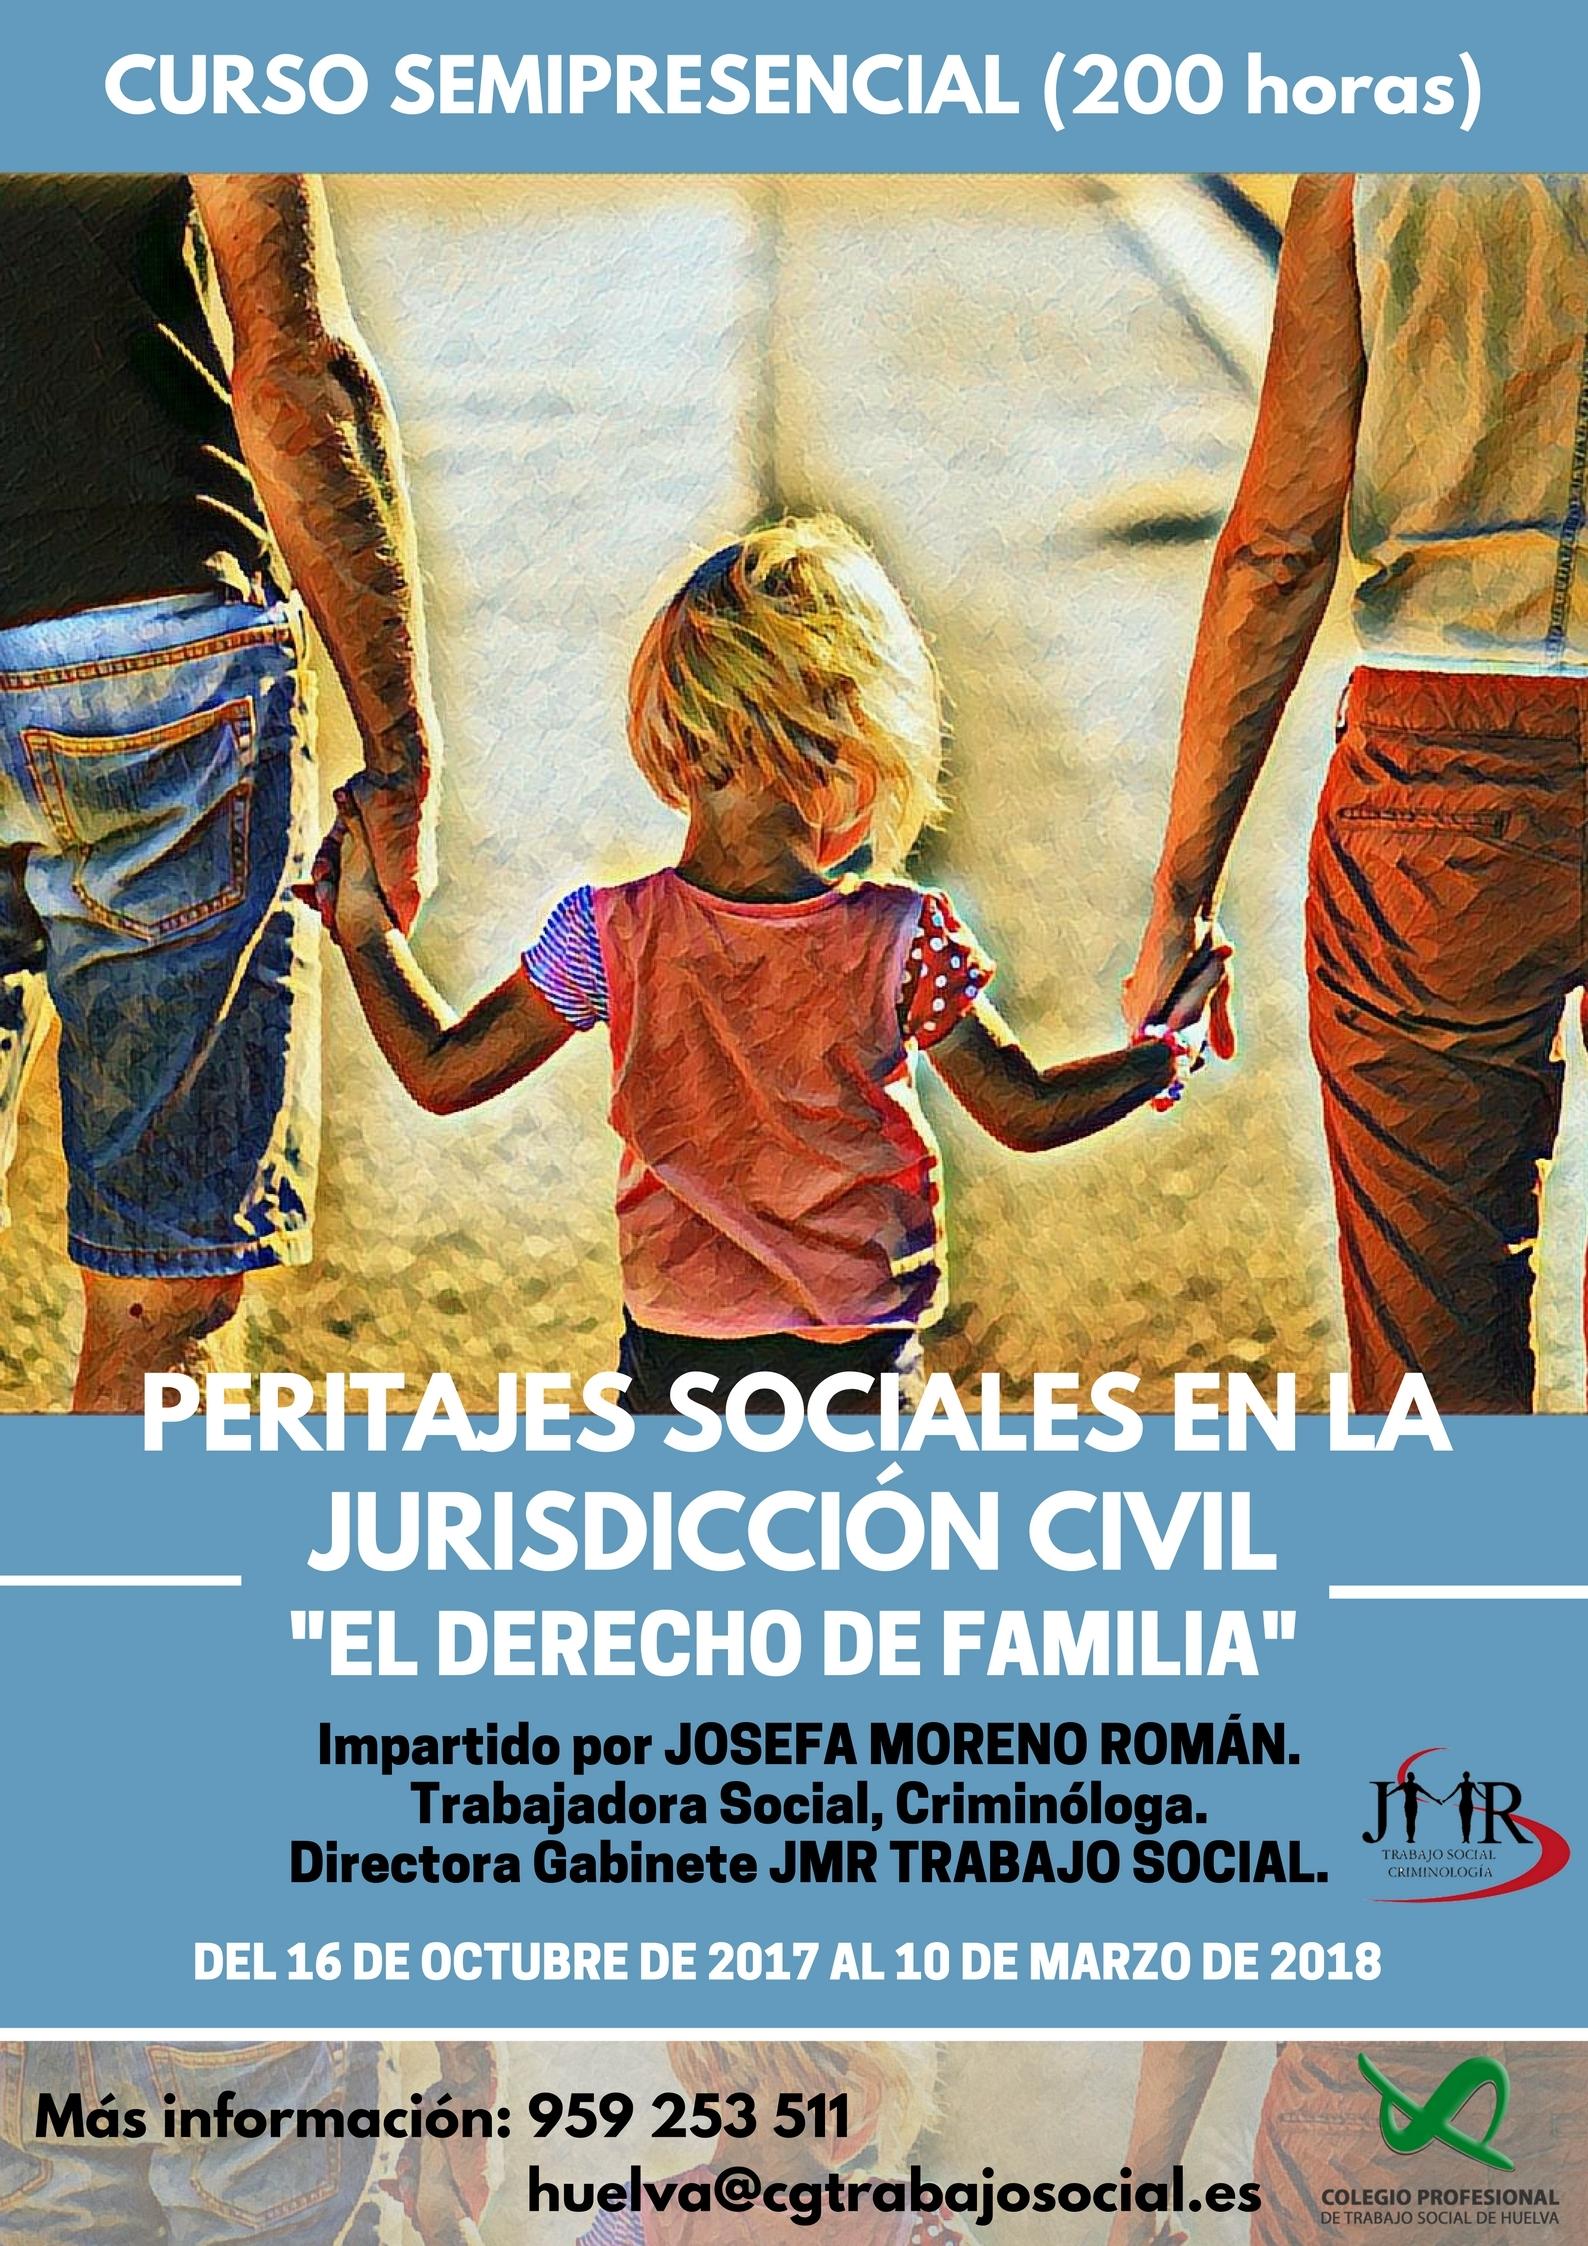 PERITAJES SOCIALES EN LA JURISDICCIÓN CIVIL. EL DERECHO DE FAMILIA - En curso. Cerrado el plazo de matrícula.